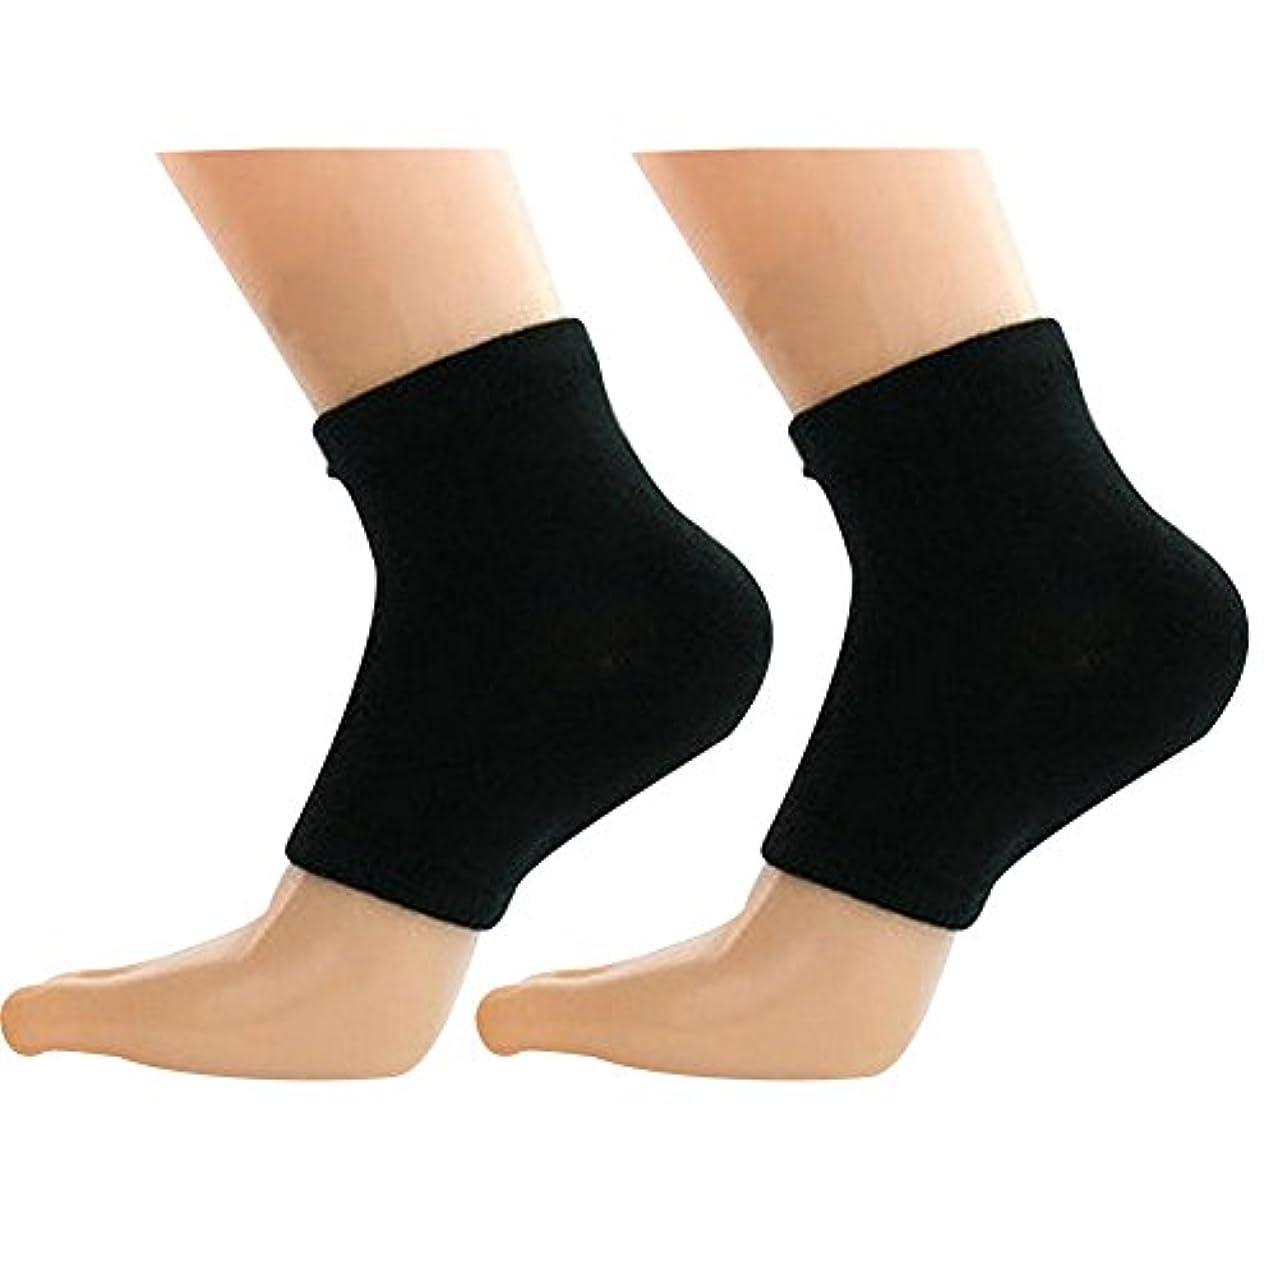 振る複製目的QIAONAI レディース用 メンズ用 踵用カバー かかと 靴下 かかと ケア つるつる すべすべ 靴下 ソックス 角質ケア 保湿 角質除去 足ケア かかと 靴下 足首用サポーター  フリーサイズ (ブラック)